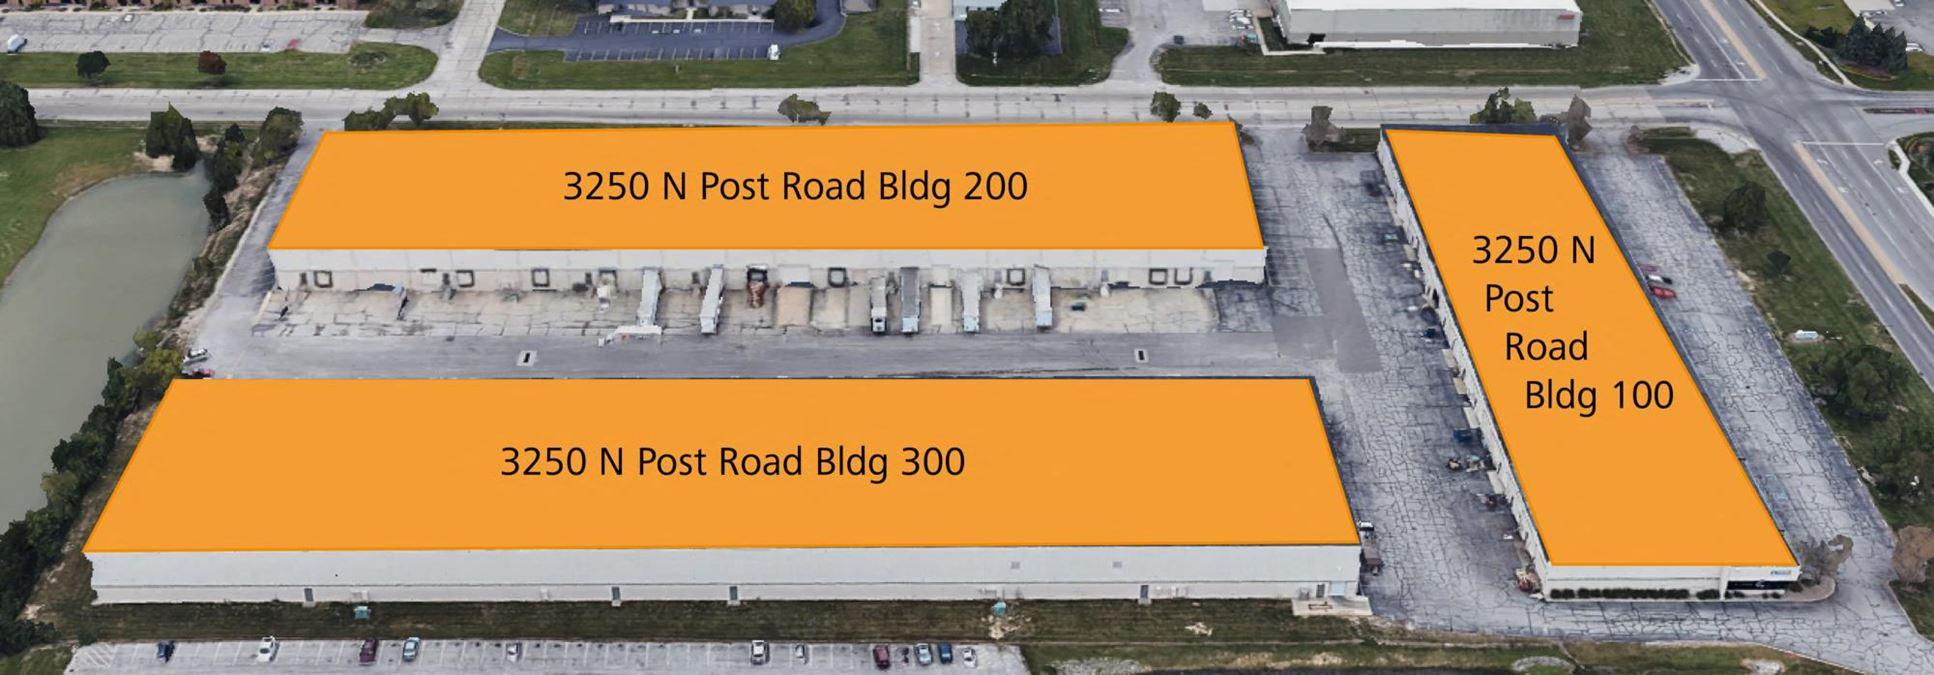 3250 N Post Road Bldg 100